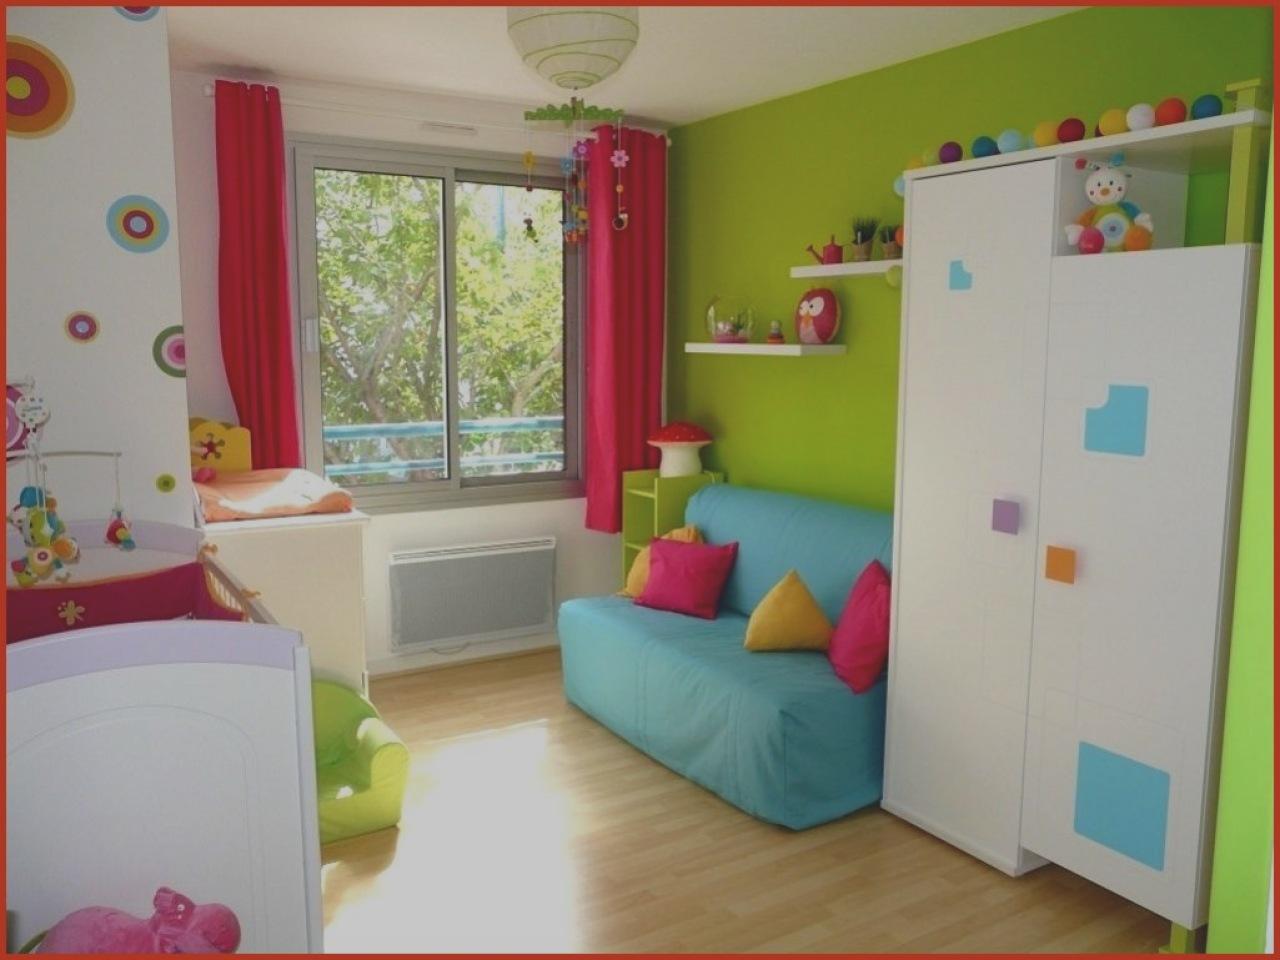 id e d co chambre b b fille pas cher id es de tricot. Black Bedroom Furniture Sets. Home Design Ideas